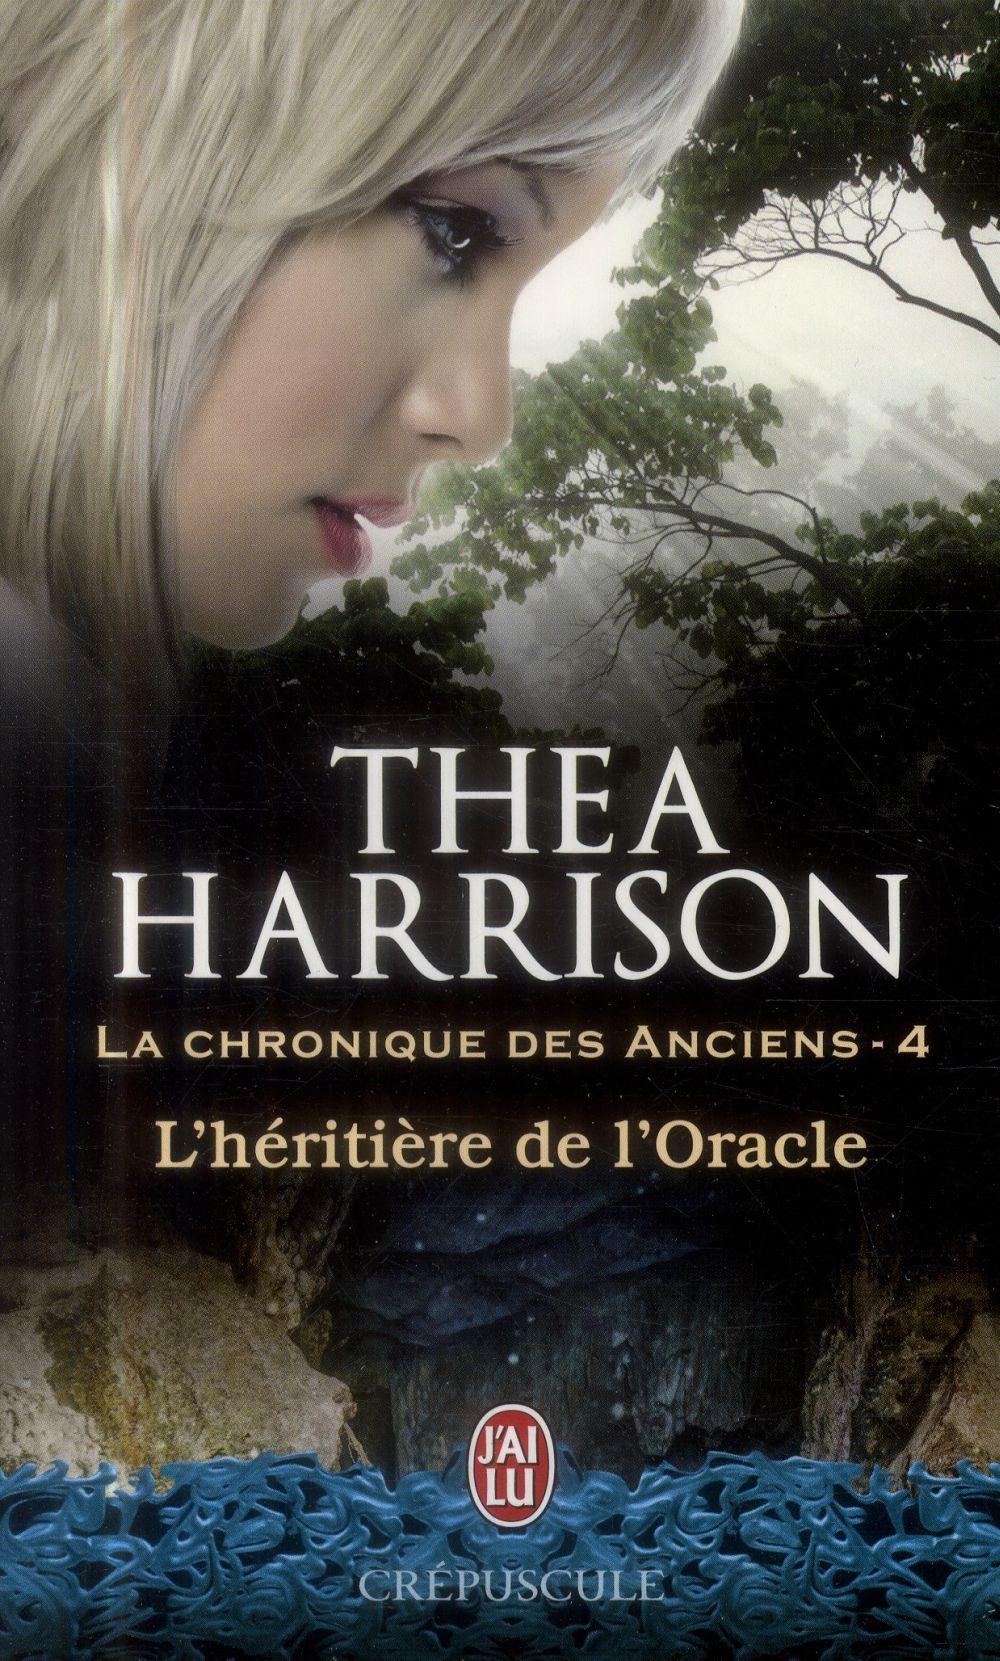 L'HERITIERE DE L'ORACLE - LA CHRONIQUE DES ANCIENS - T4